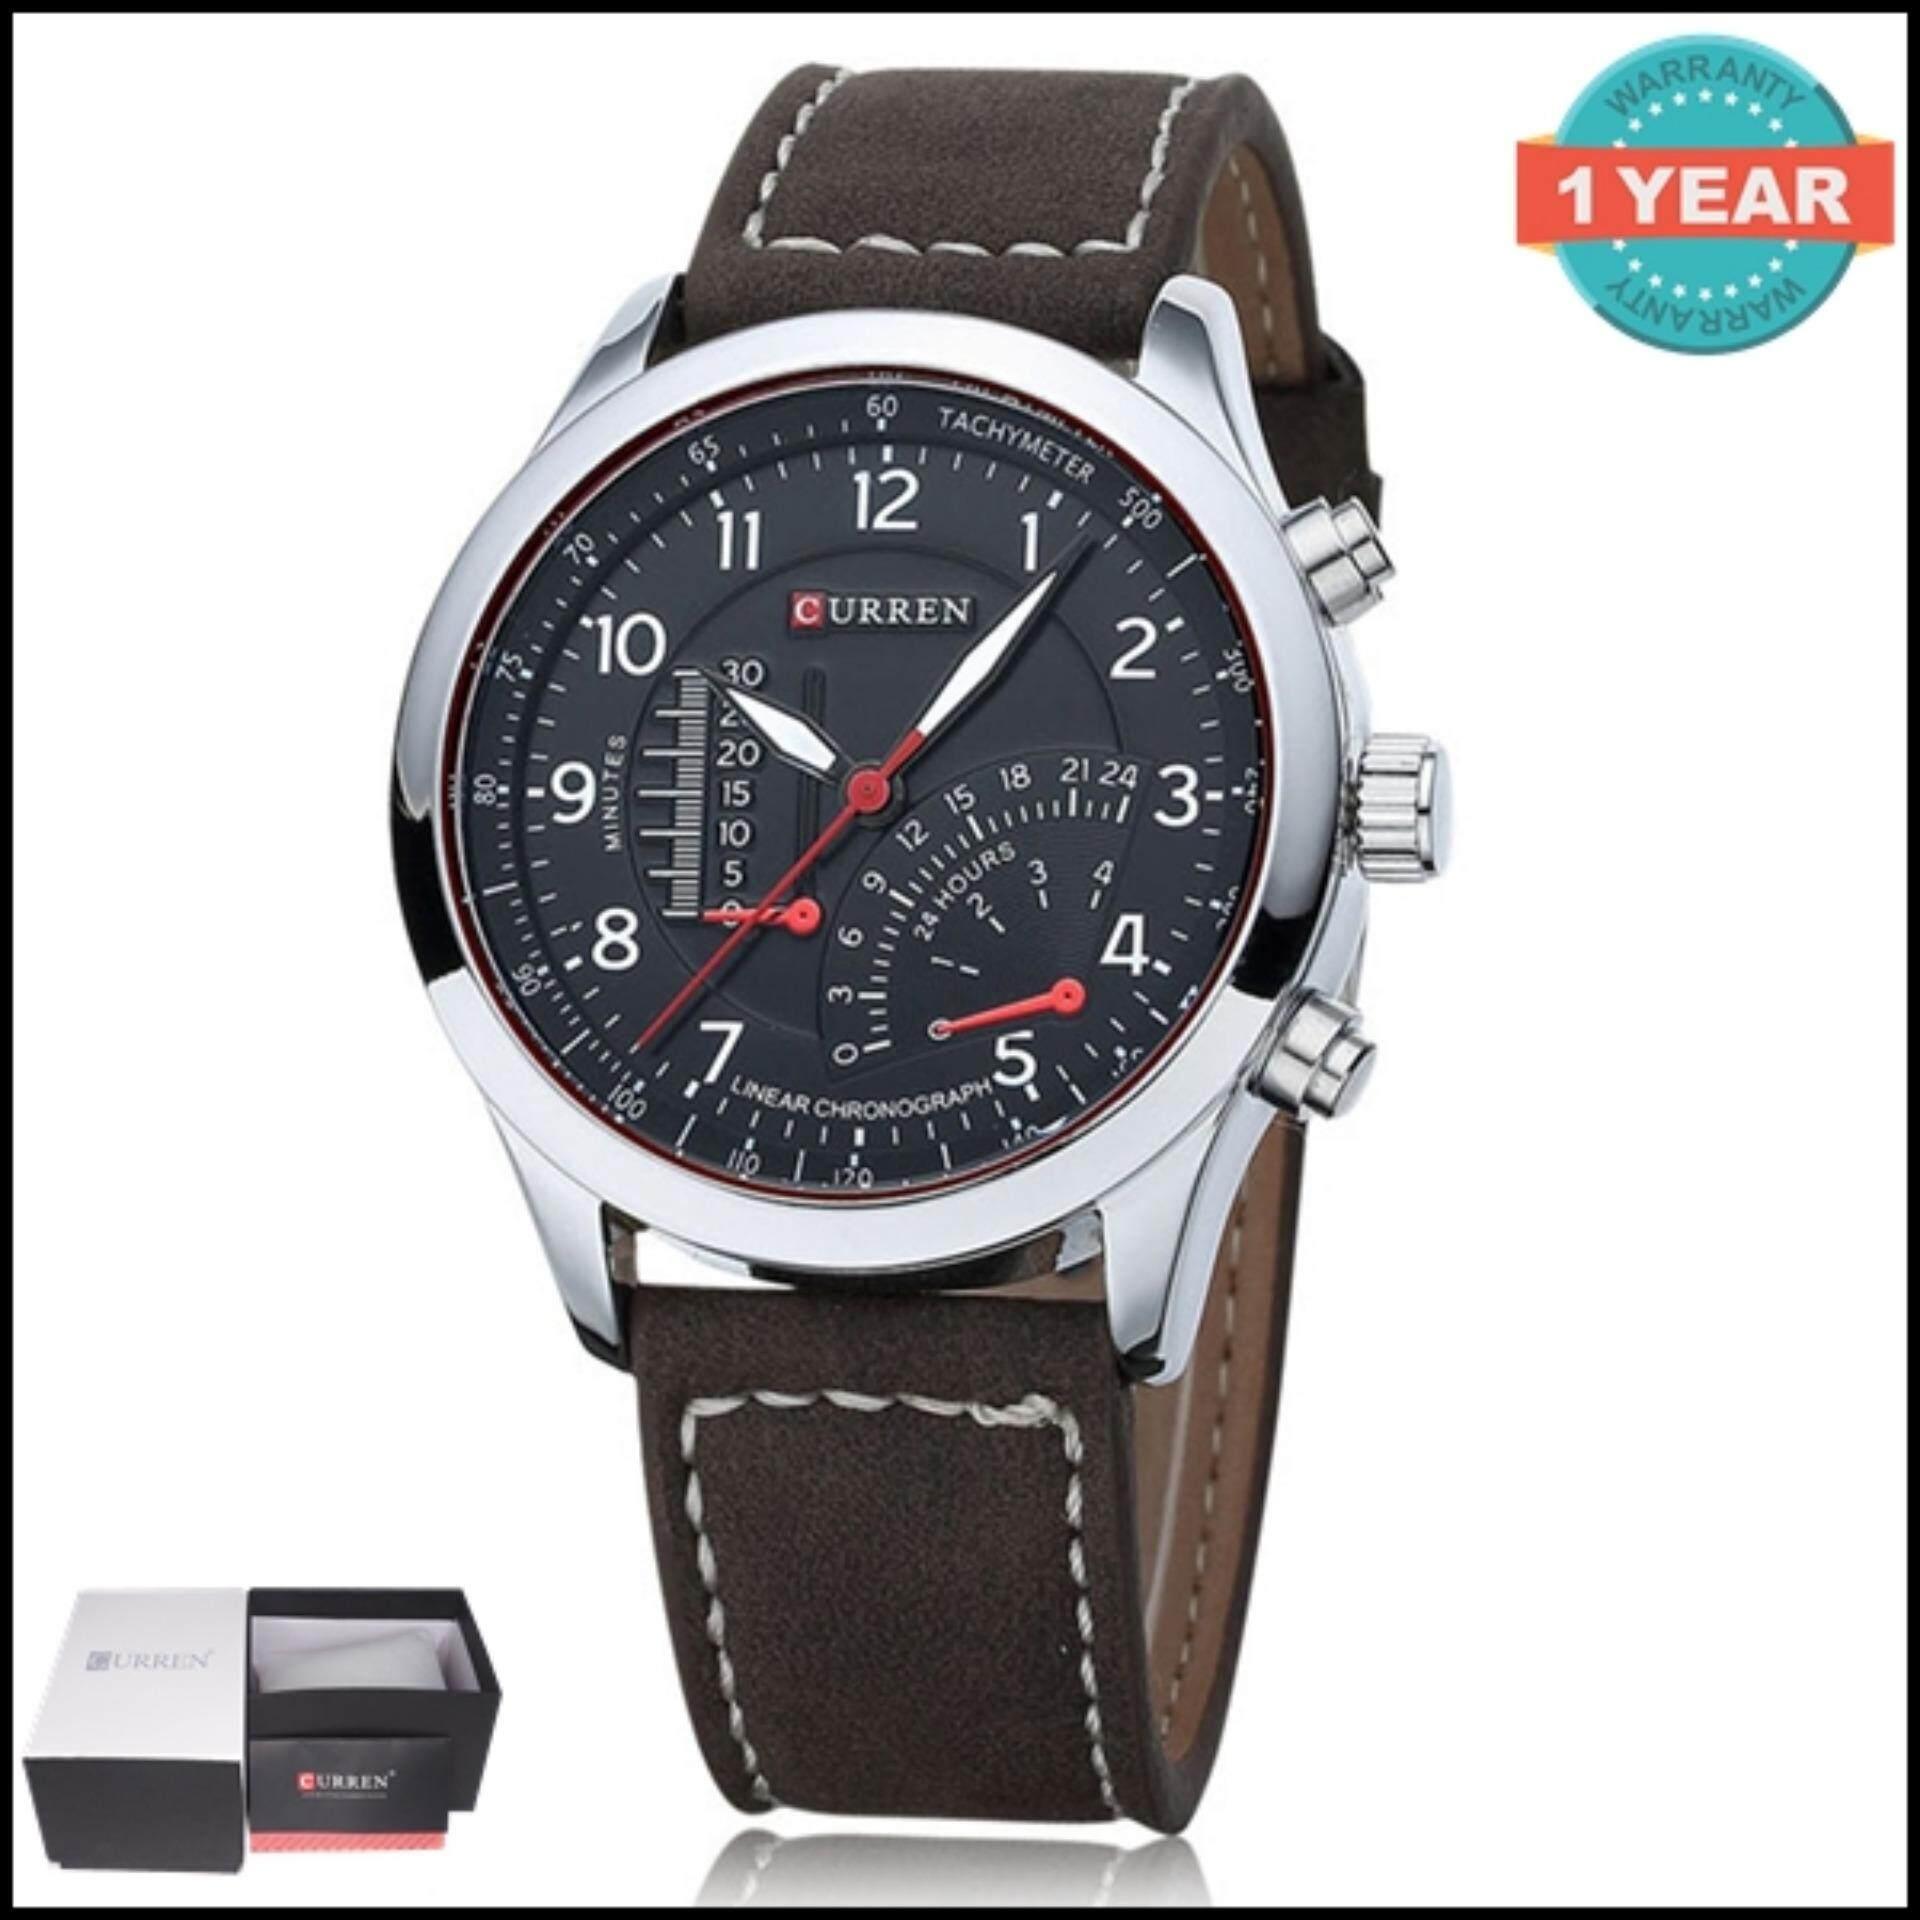 ซื้อ Curren นาฬิกาข้อมือสุภาพบุรุษ สีดำ เงิน สายหนัง รุ่น C8152 Curren ถูก